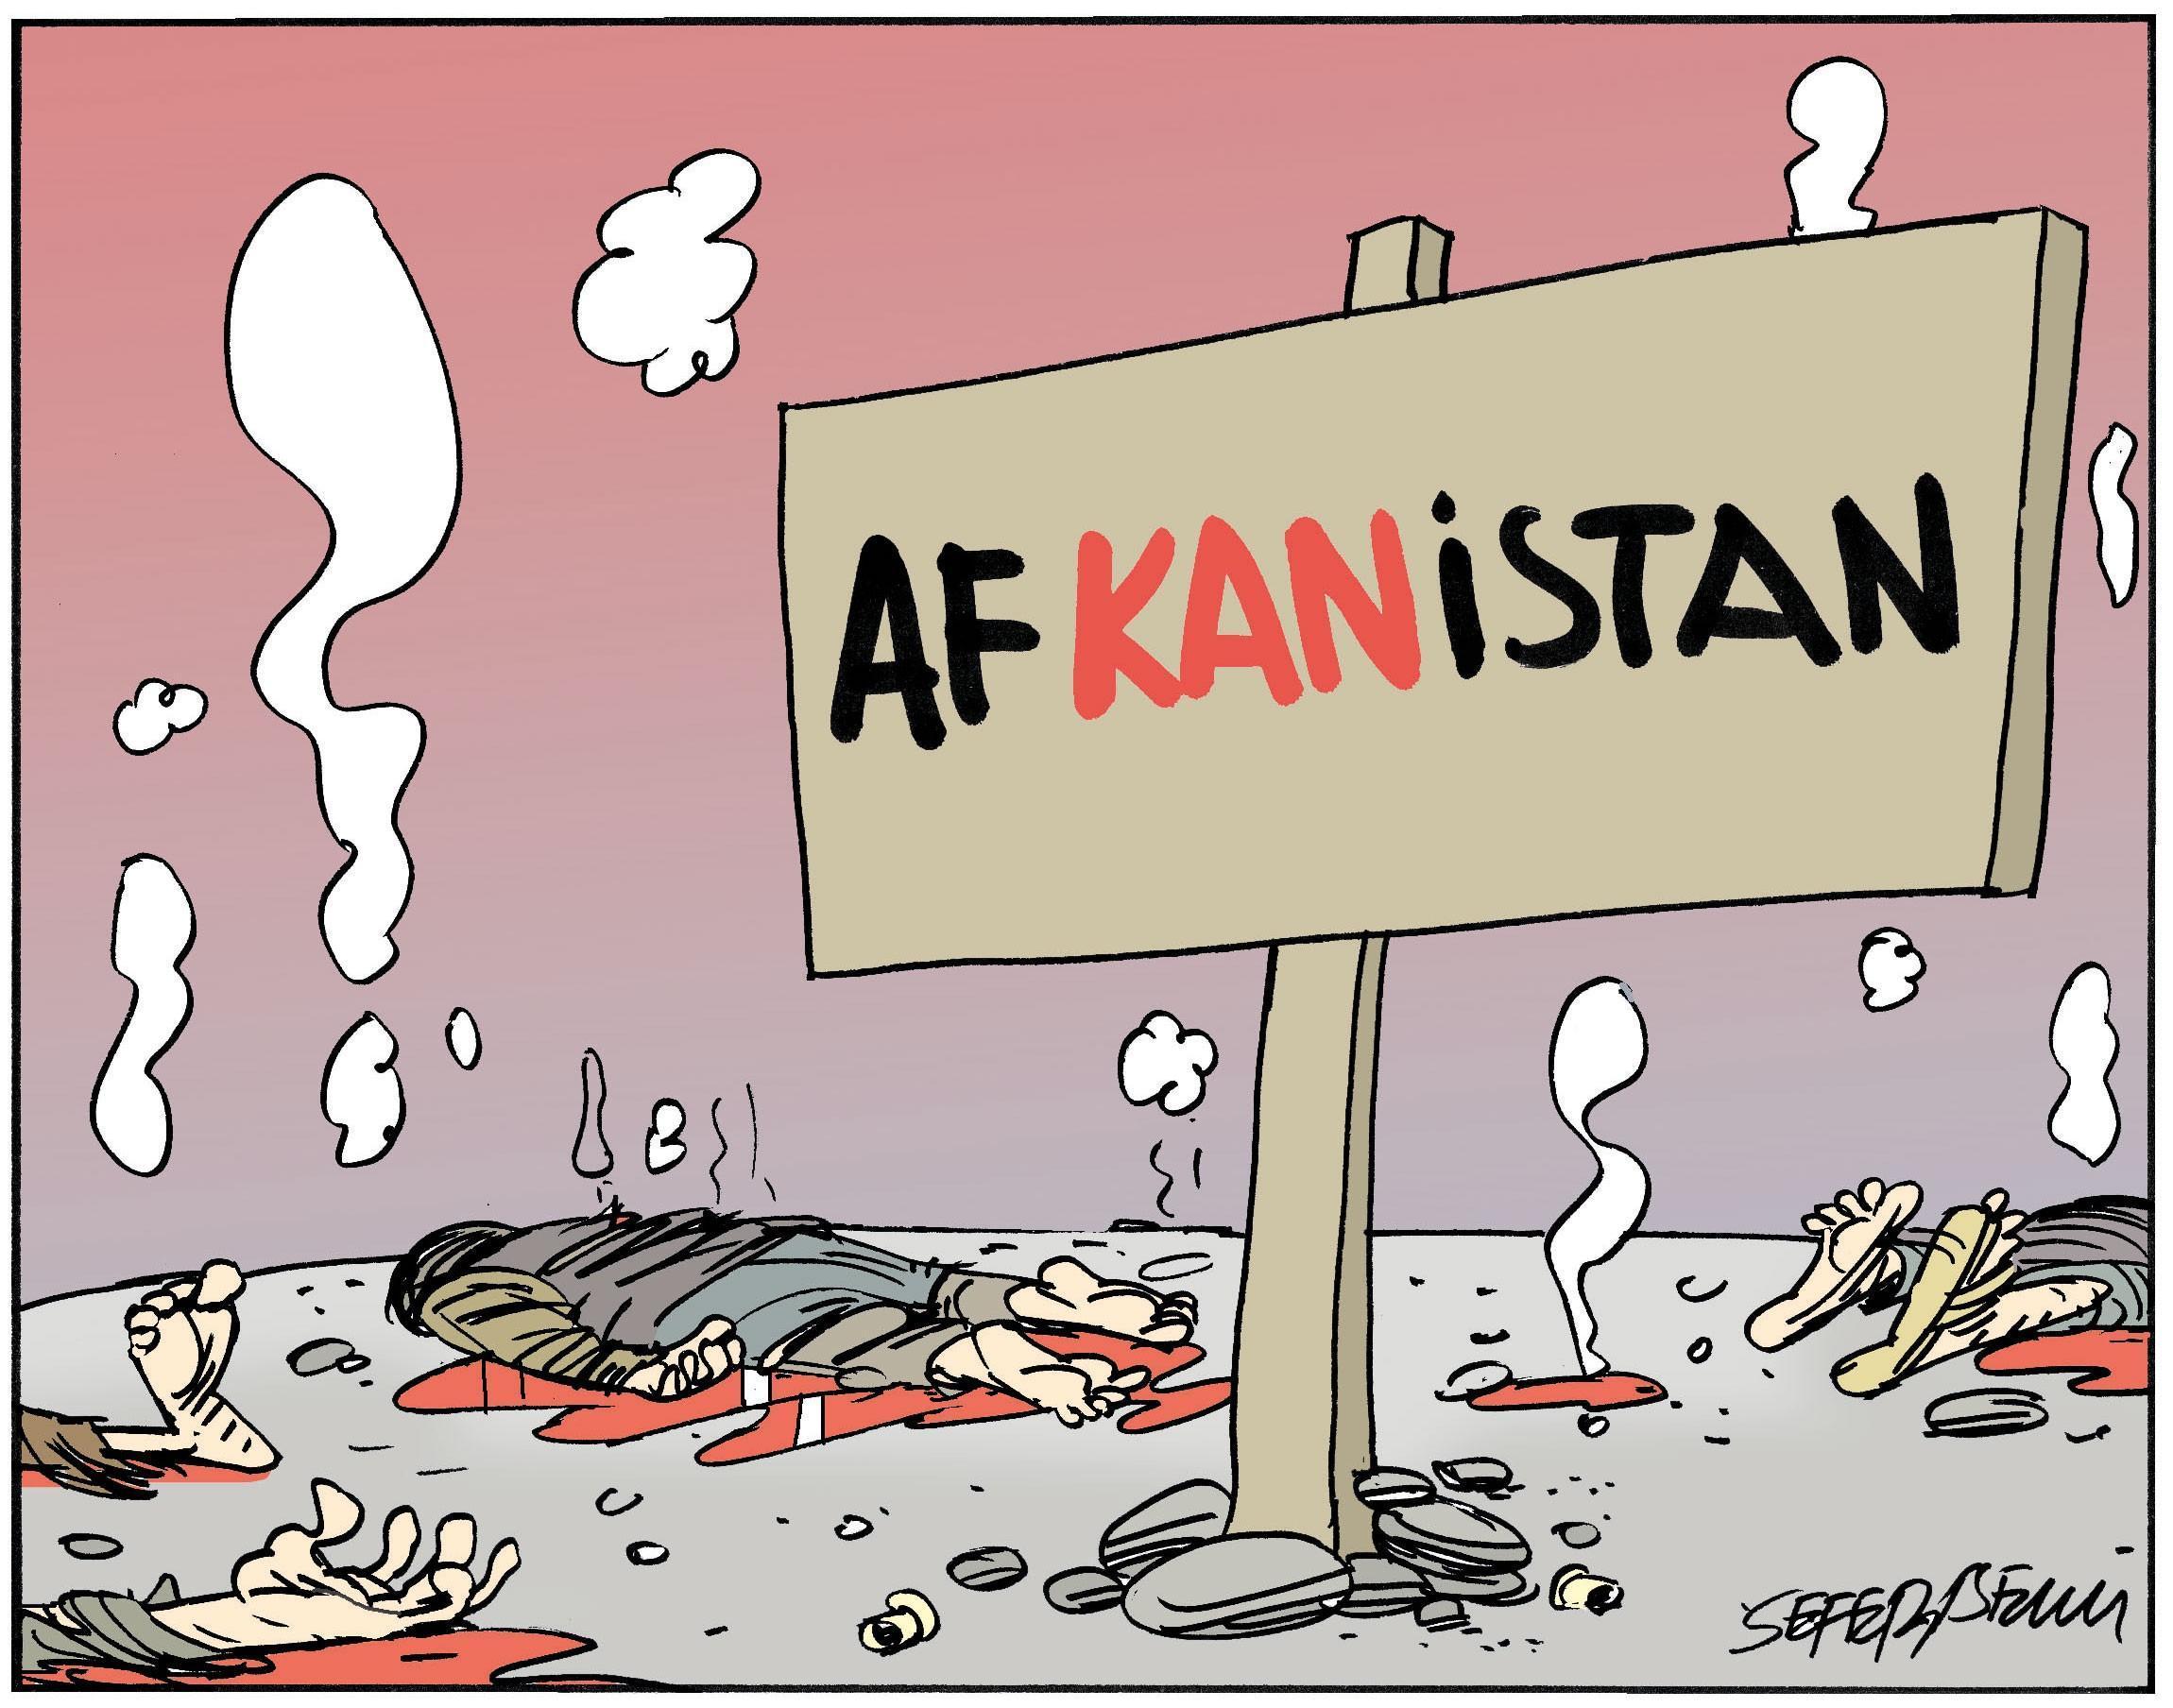 Afganistan kana bulandı!